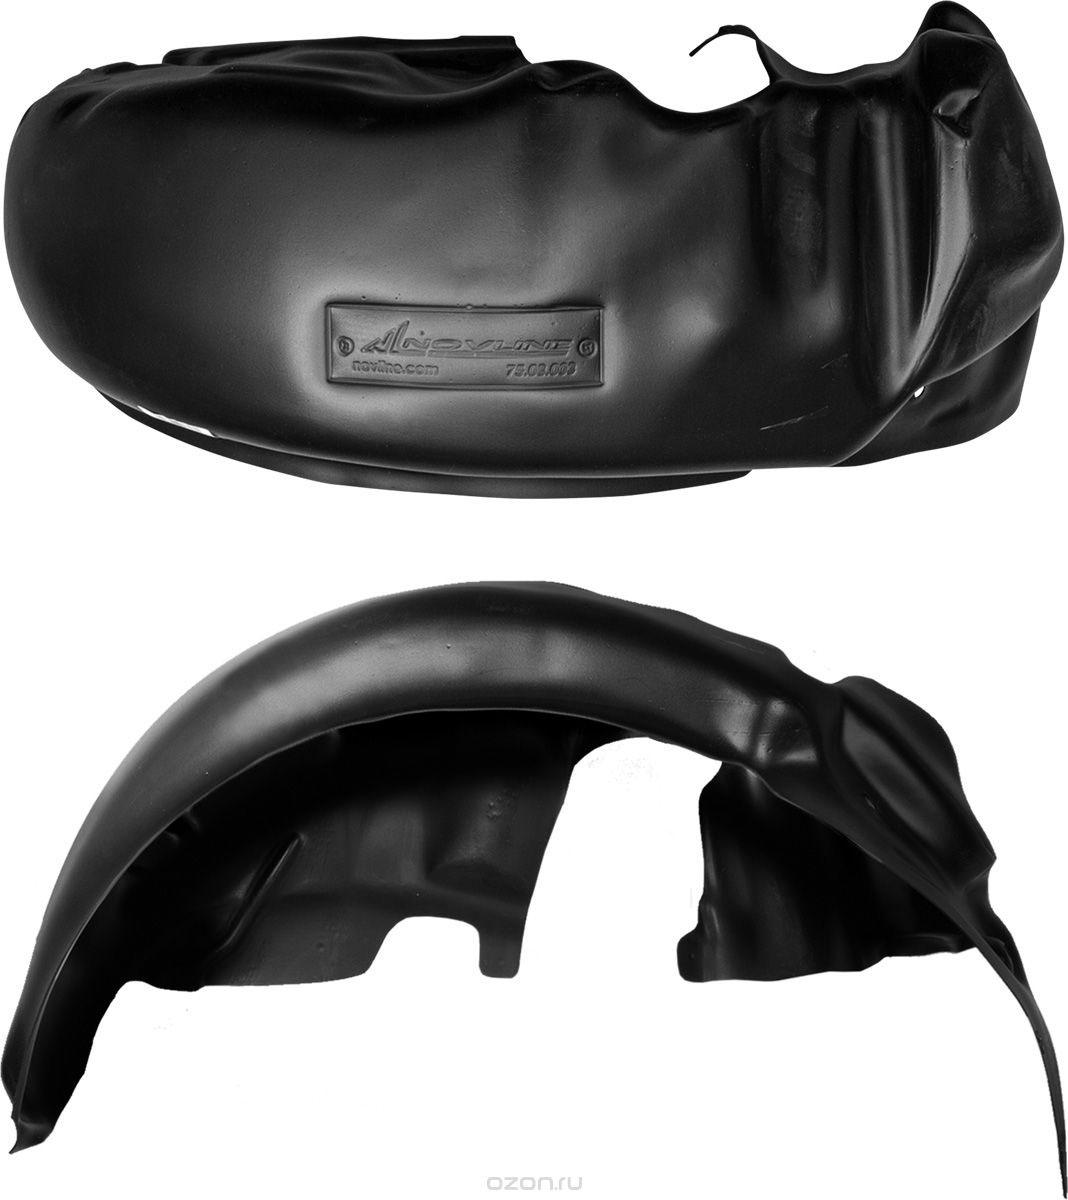 Подкрылок Novline-Autofamily, для Renault Kaptur, 04/2016->, задний правыйNLL.41.43.004Идеальная защита колесной ниши. Локеры разработаны с применением цифровых технологий, гарантируют максимальную повторяемость поверхности арки. Изделия устанавливаются без нарушения лакокрасочного покрытия автомобиля, каждый подкрылок комплектуется крепежом. Уважаемые клиенты, обращаем ваше внимание, что фотографии на подкрылки универсальные и не отражают реальную форму изделия. При этом само изделие идет точно под размер указанного автомобиля.